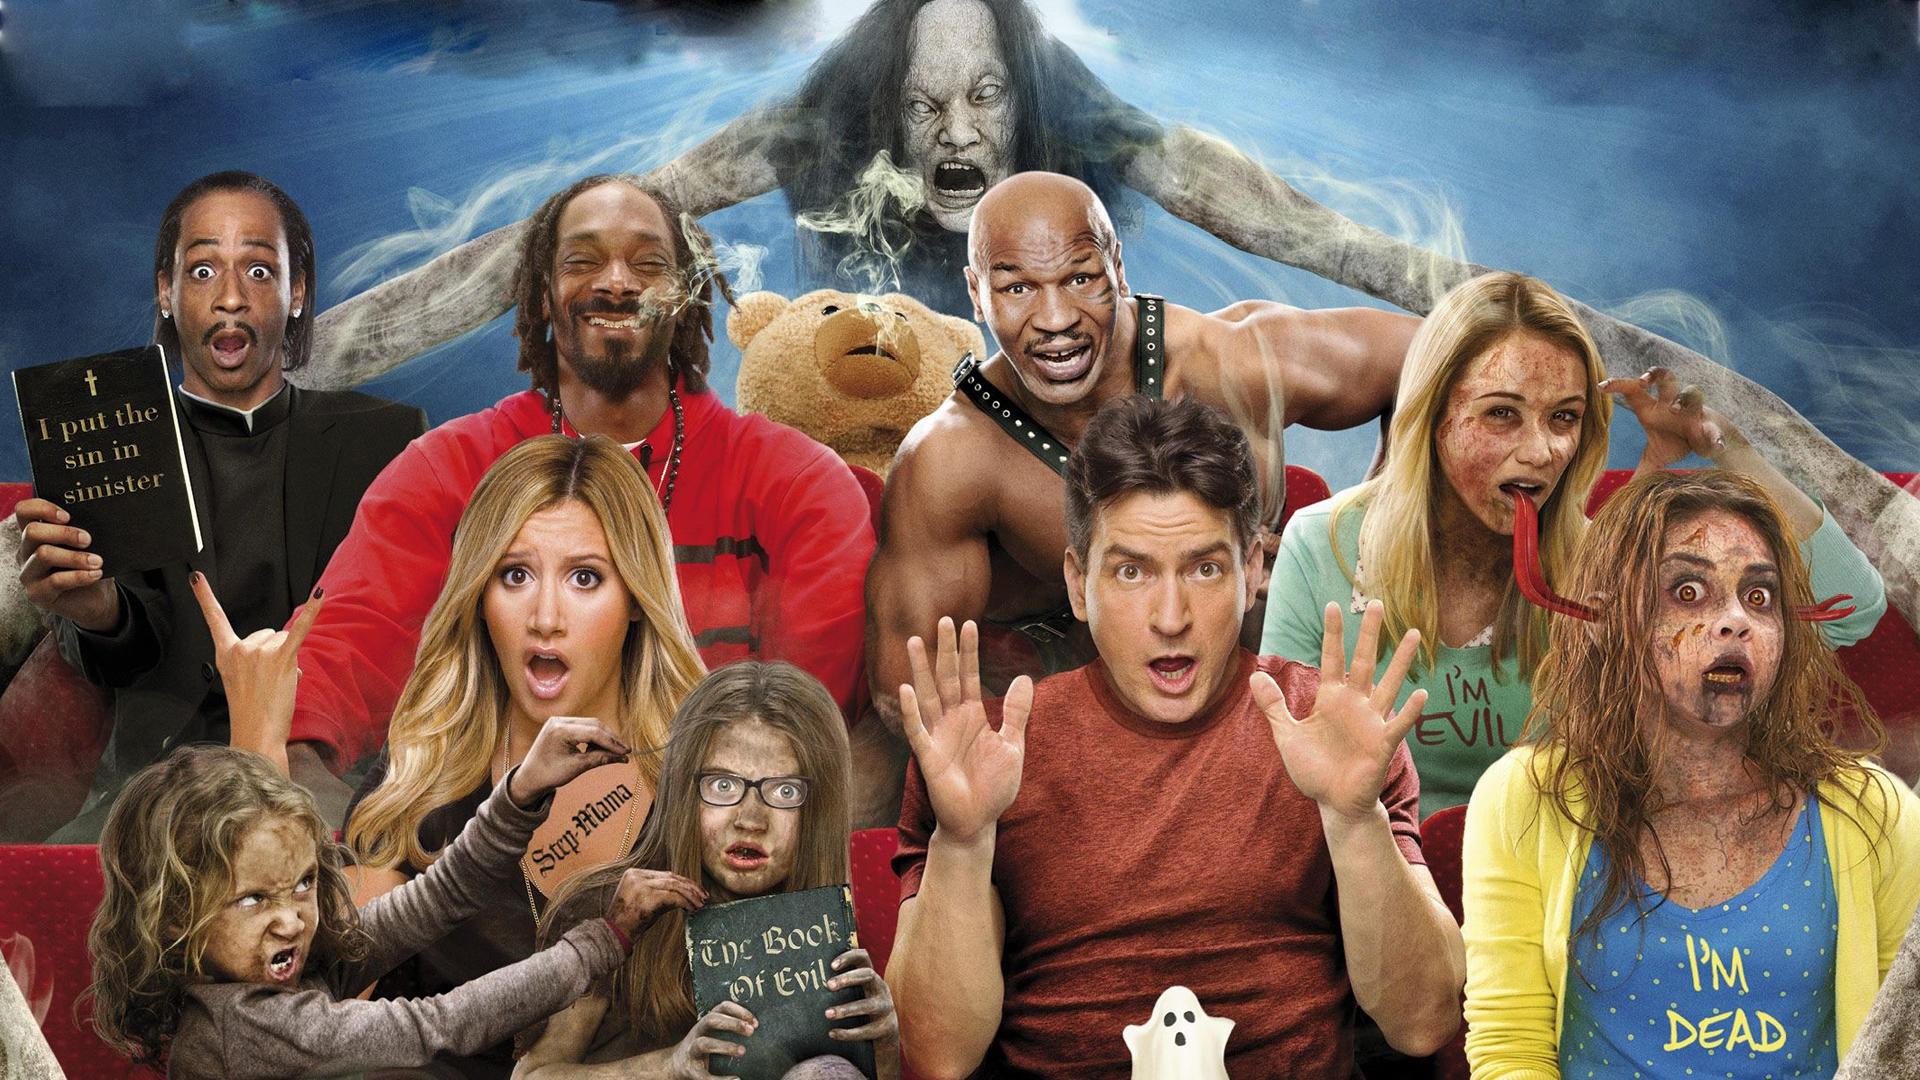 #经典电影#为什么系列老粉都说《惊声尖笑5》不好看?